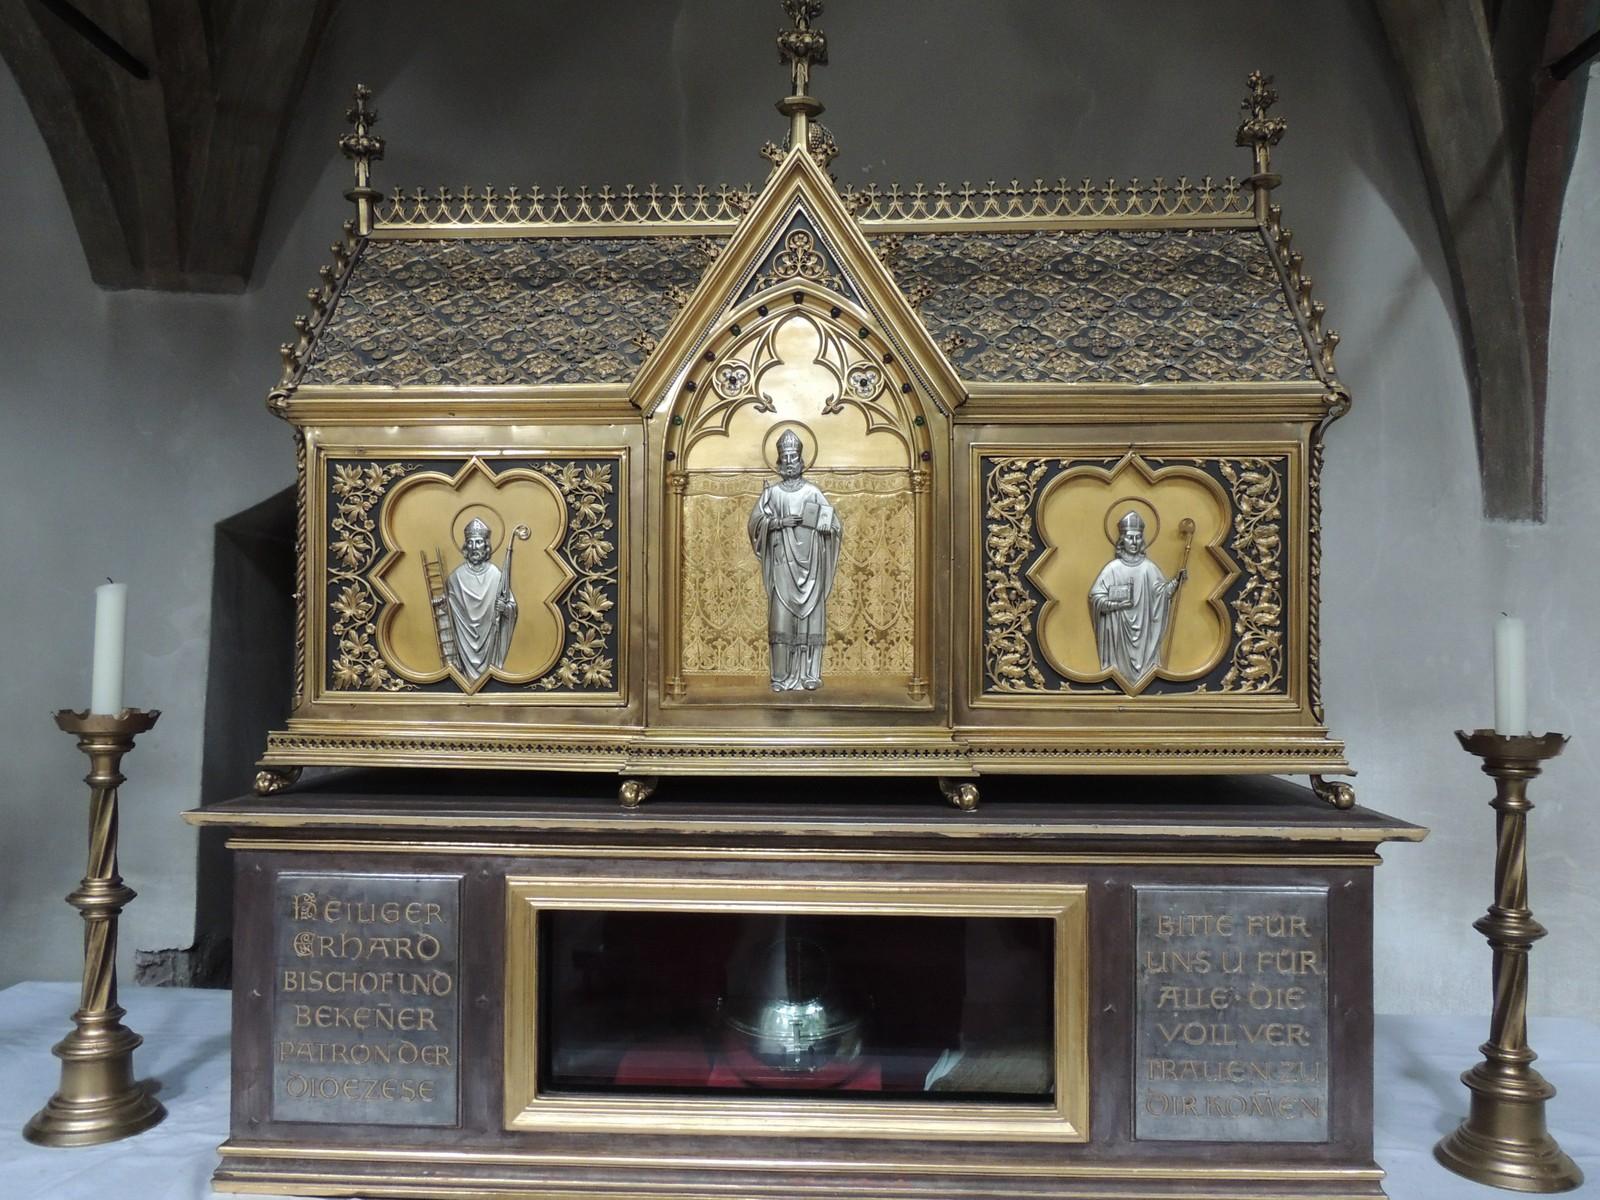 Regensburg - der goldene Schrein des Heiligen Erhard